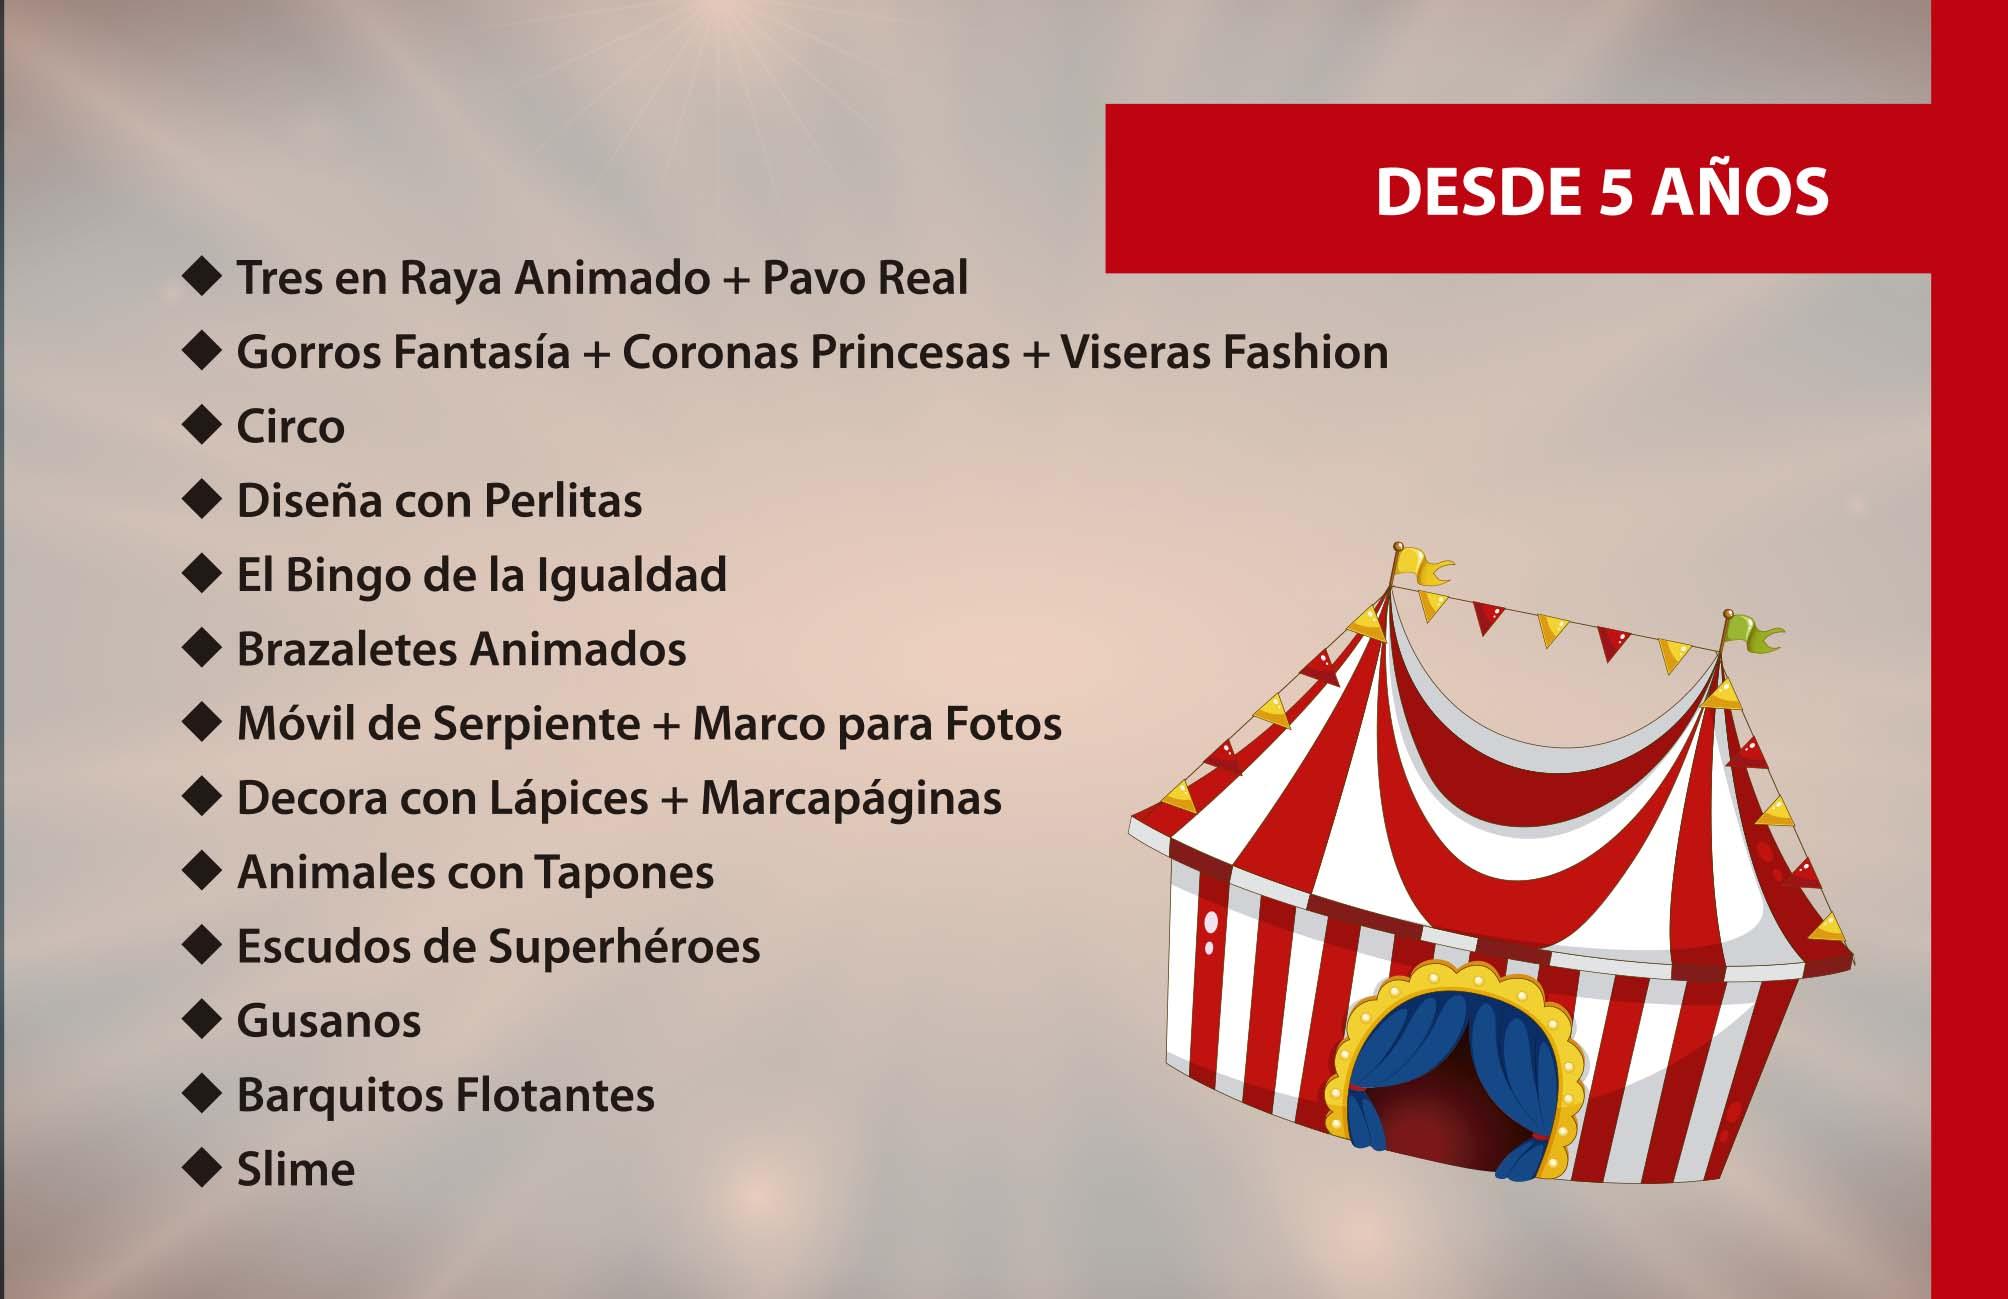 programa_vive_el_verano_2019-culba-013